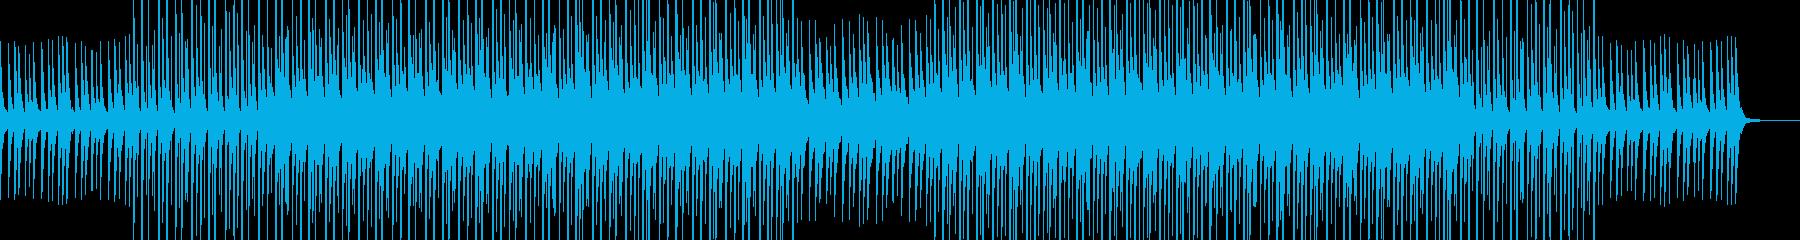 クールで勇ましい場面に最適な曲の再生済みの波形